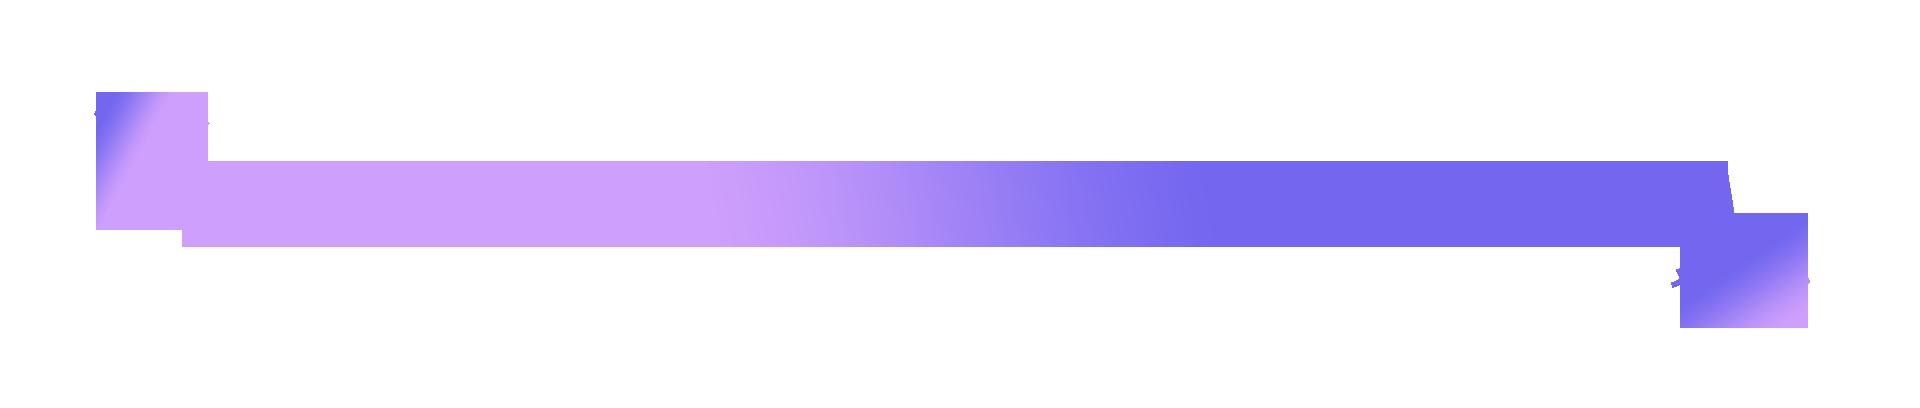 Vnutrennie_pravila_tretyego_servera.png